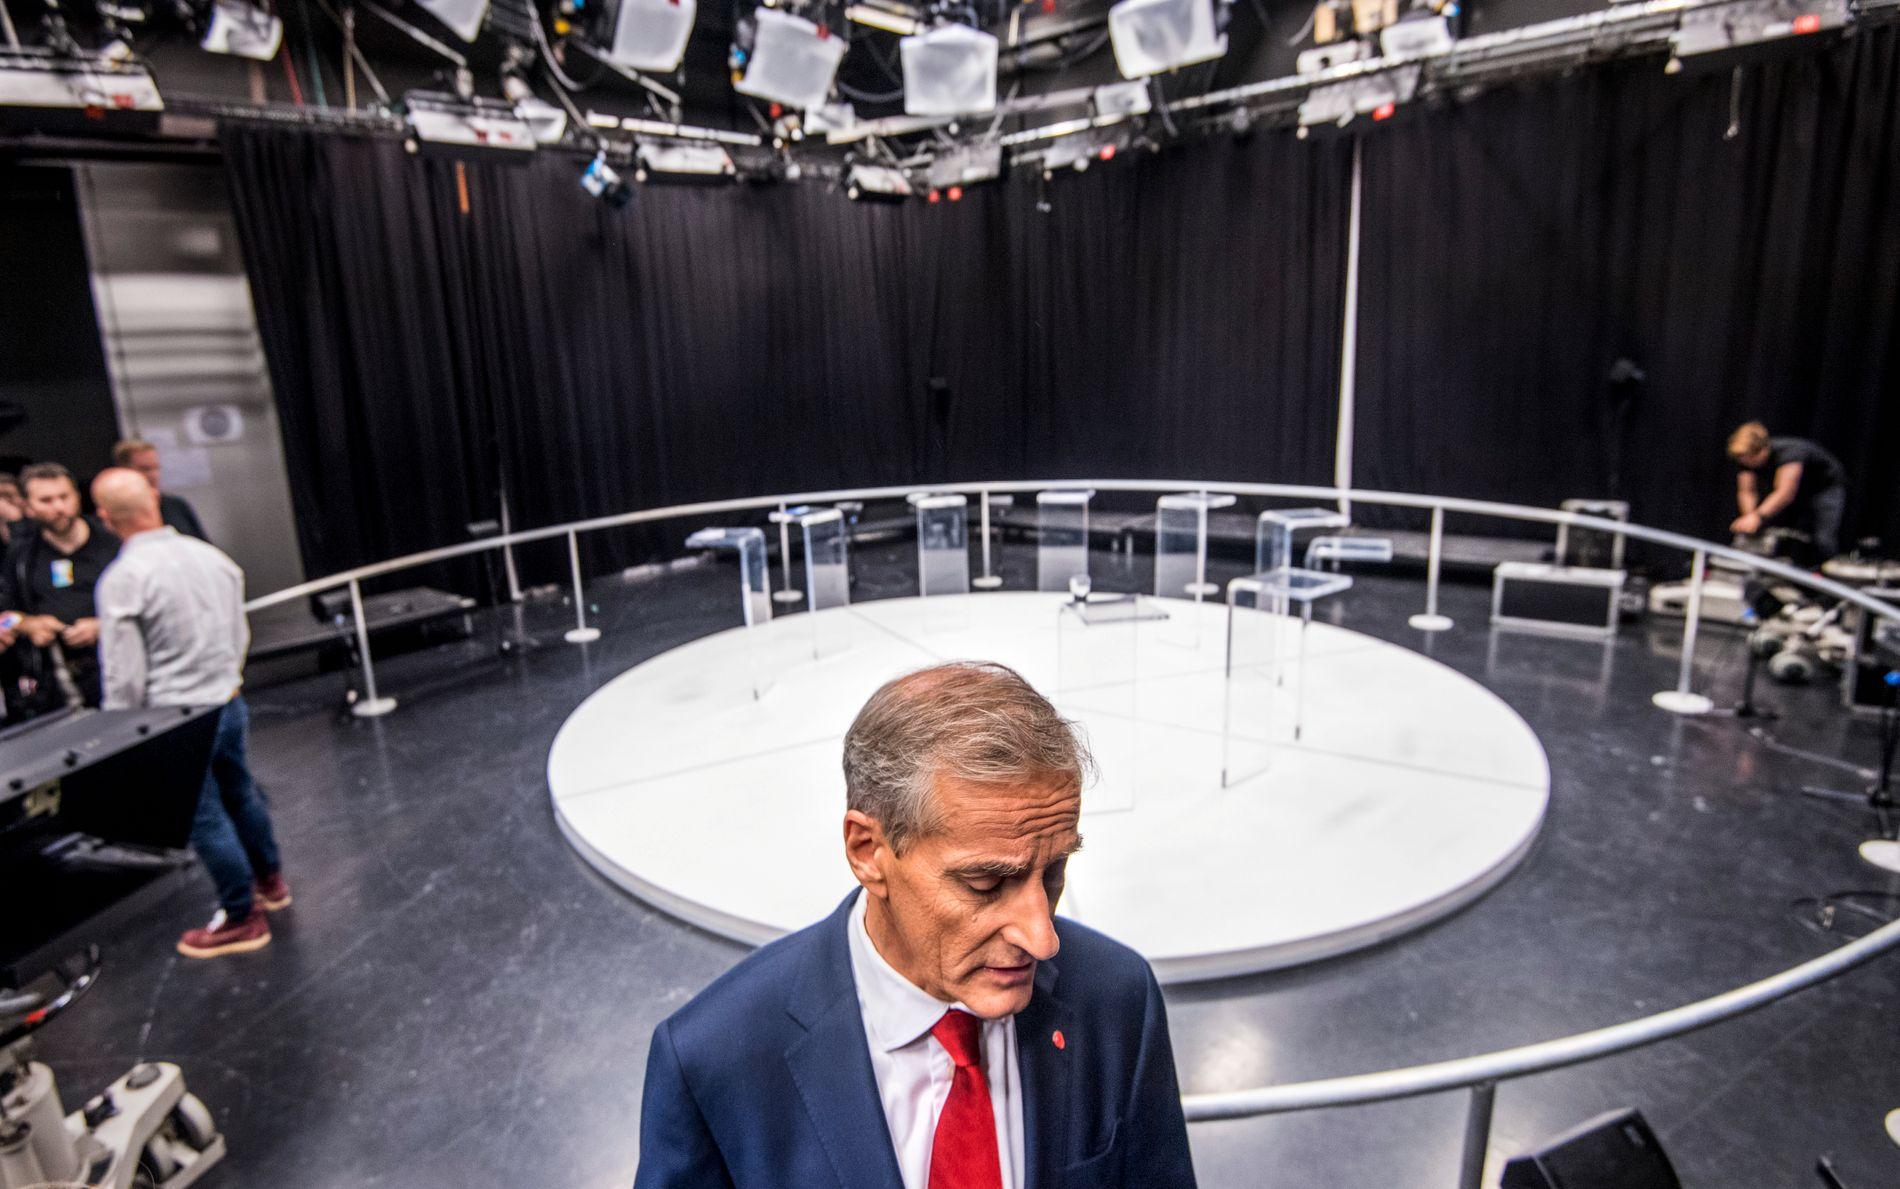 MØTER MOTSTAND: Ap-leder Jonas Gahr Støre, her i TV 2s studio på Karl Johans gate i Oslo etter torsdagens partilederdebatt i kanalen.